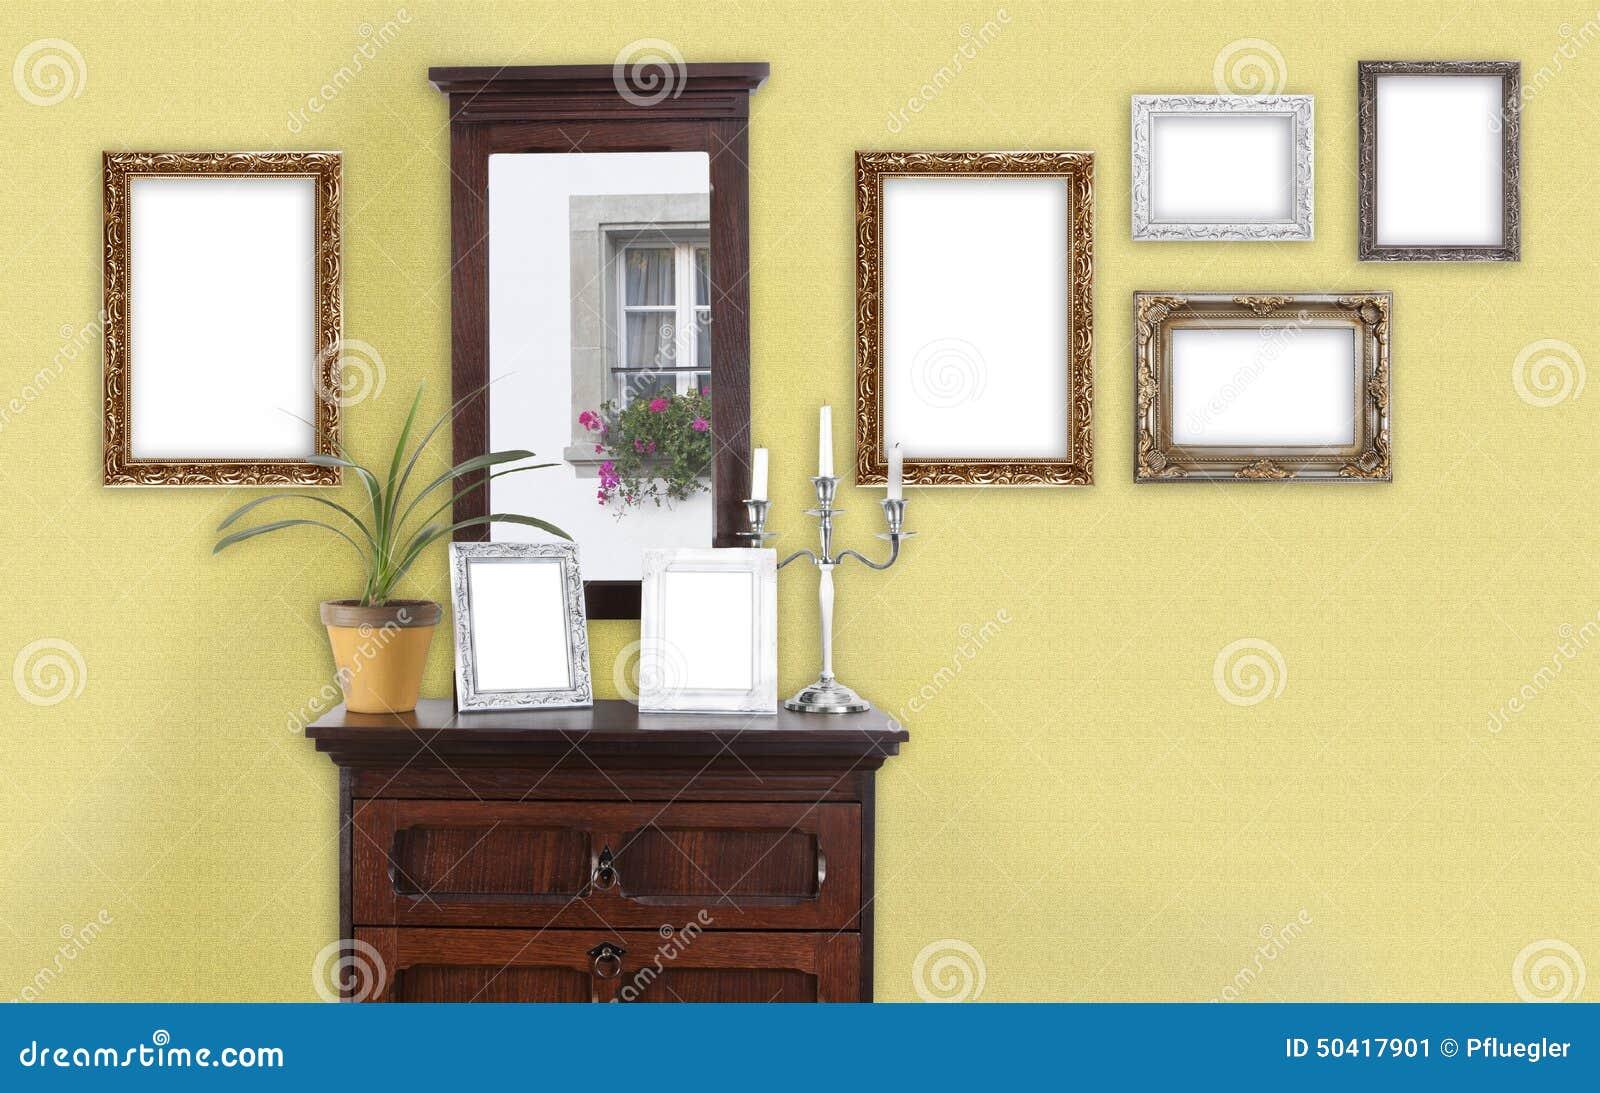 Gelbe Wand Mit Bilderrahmen Stockbild - Bild von antike, weiß: 50417901